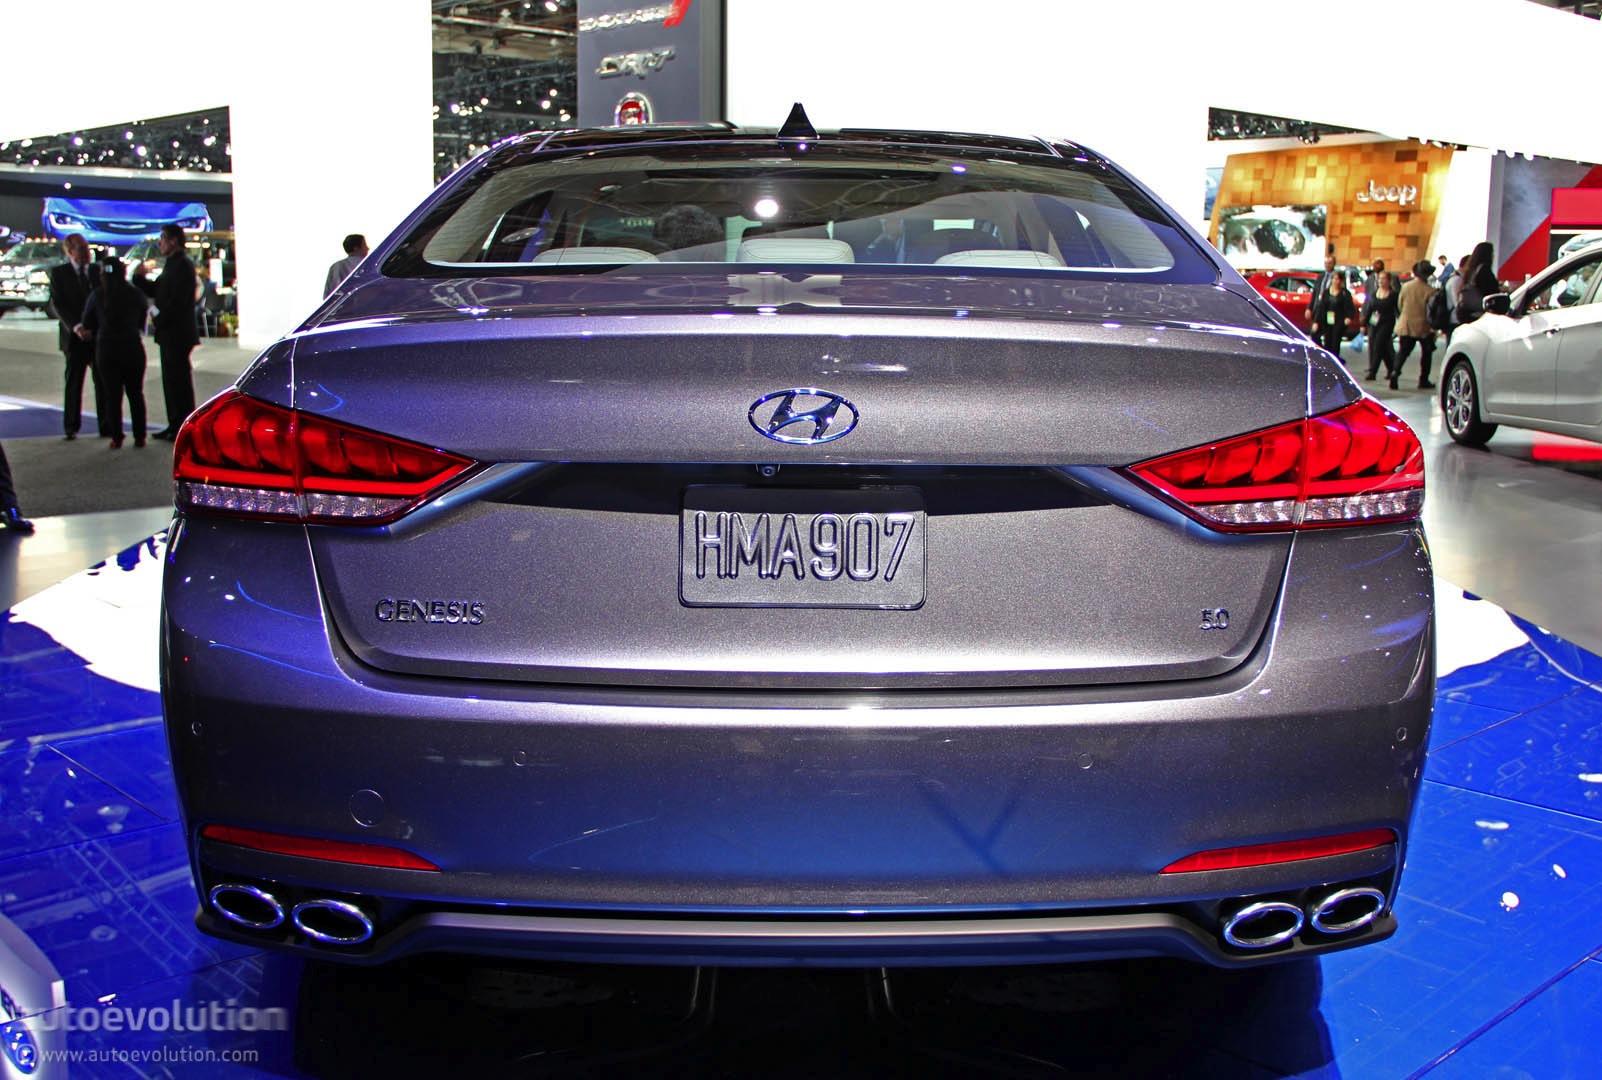 2015 Hyundai Genesis Luxury Sedan Revealed in Detroit ...